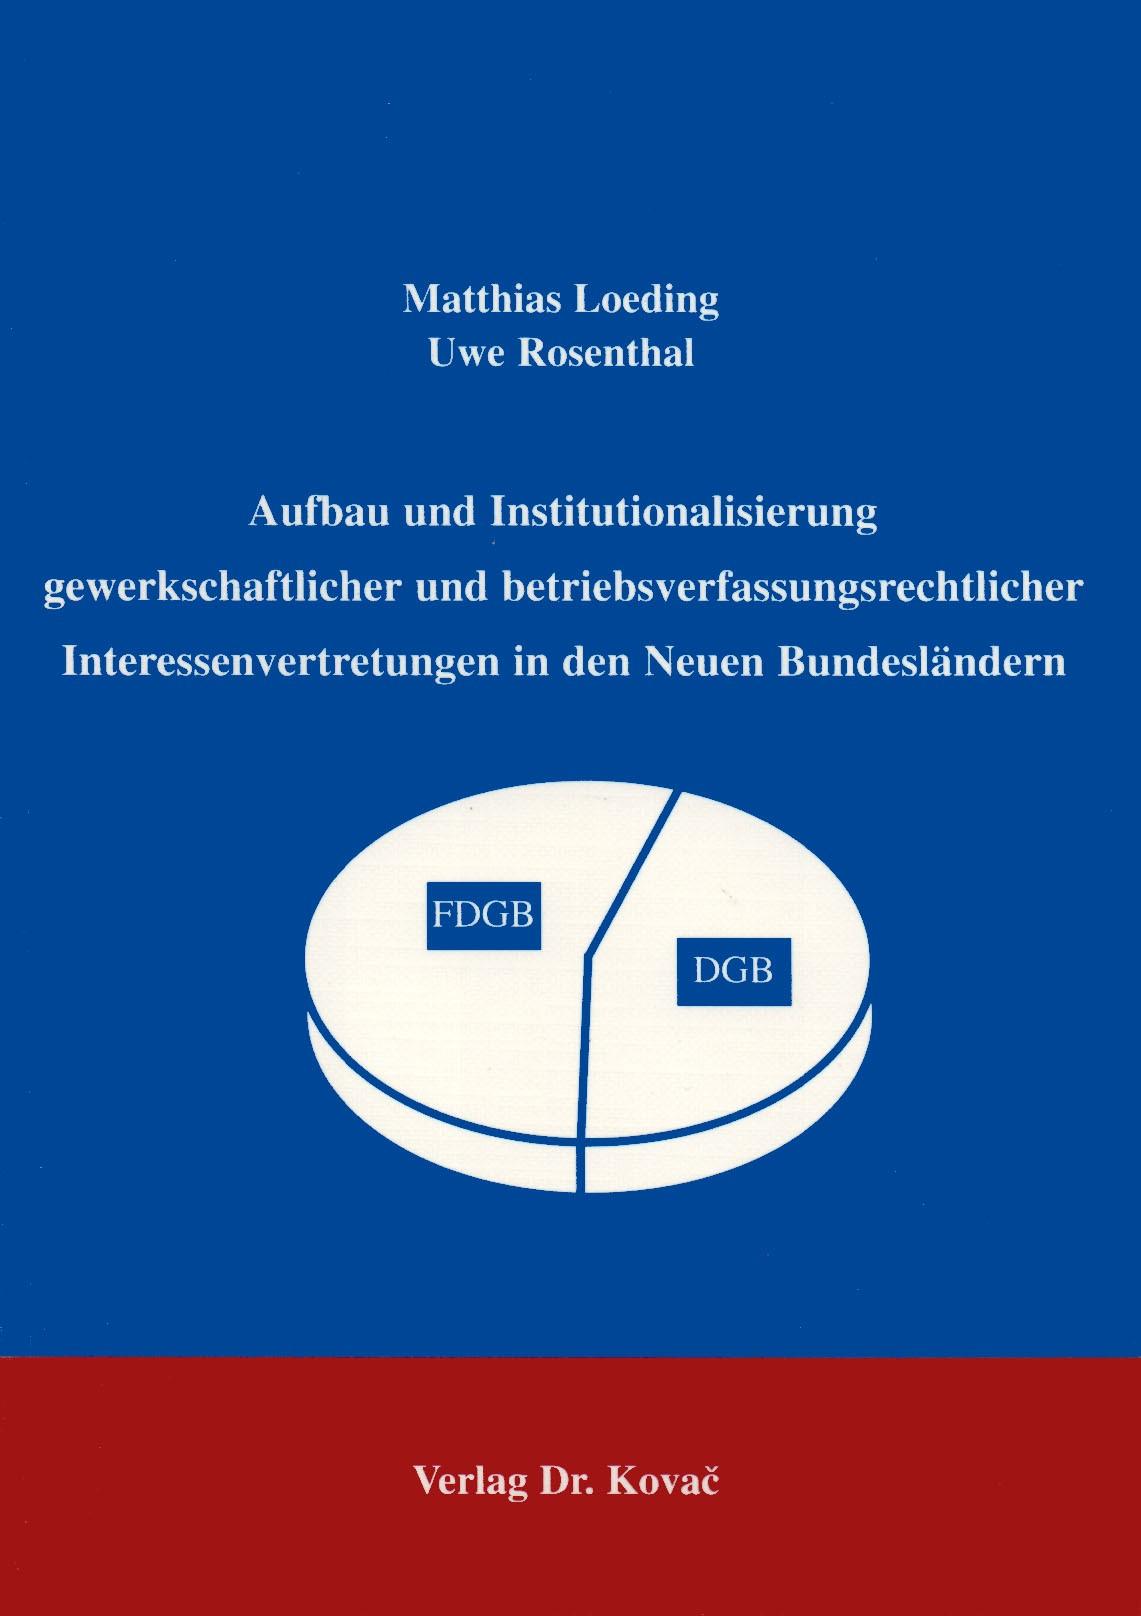 Aufbau und Institutionalisierung gewerkschaftlicher und betriebsverfassungsrechtlicher Interessenvertretungen in den neuen Bundesländern | Loeding / Rosenthal, 1998 | Buch (Cover)